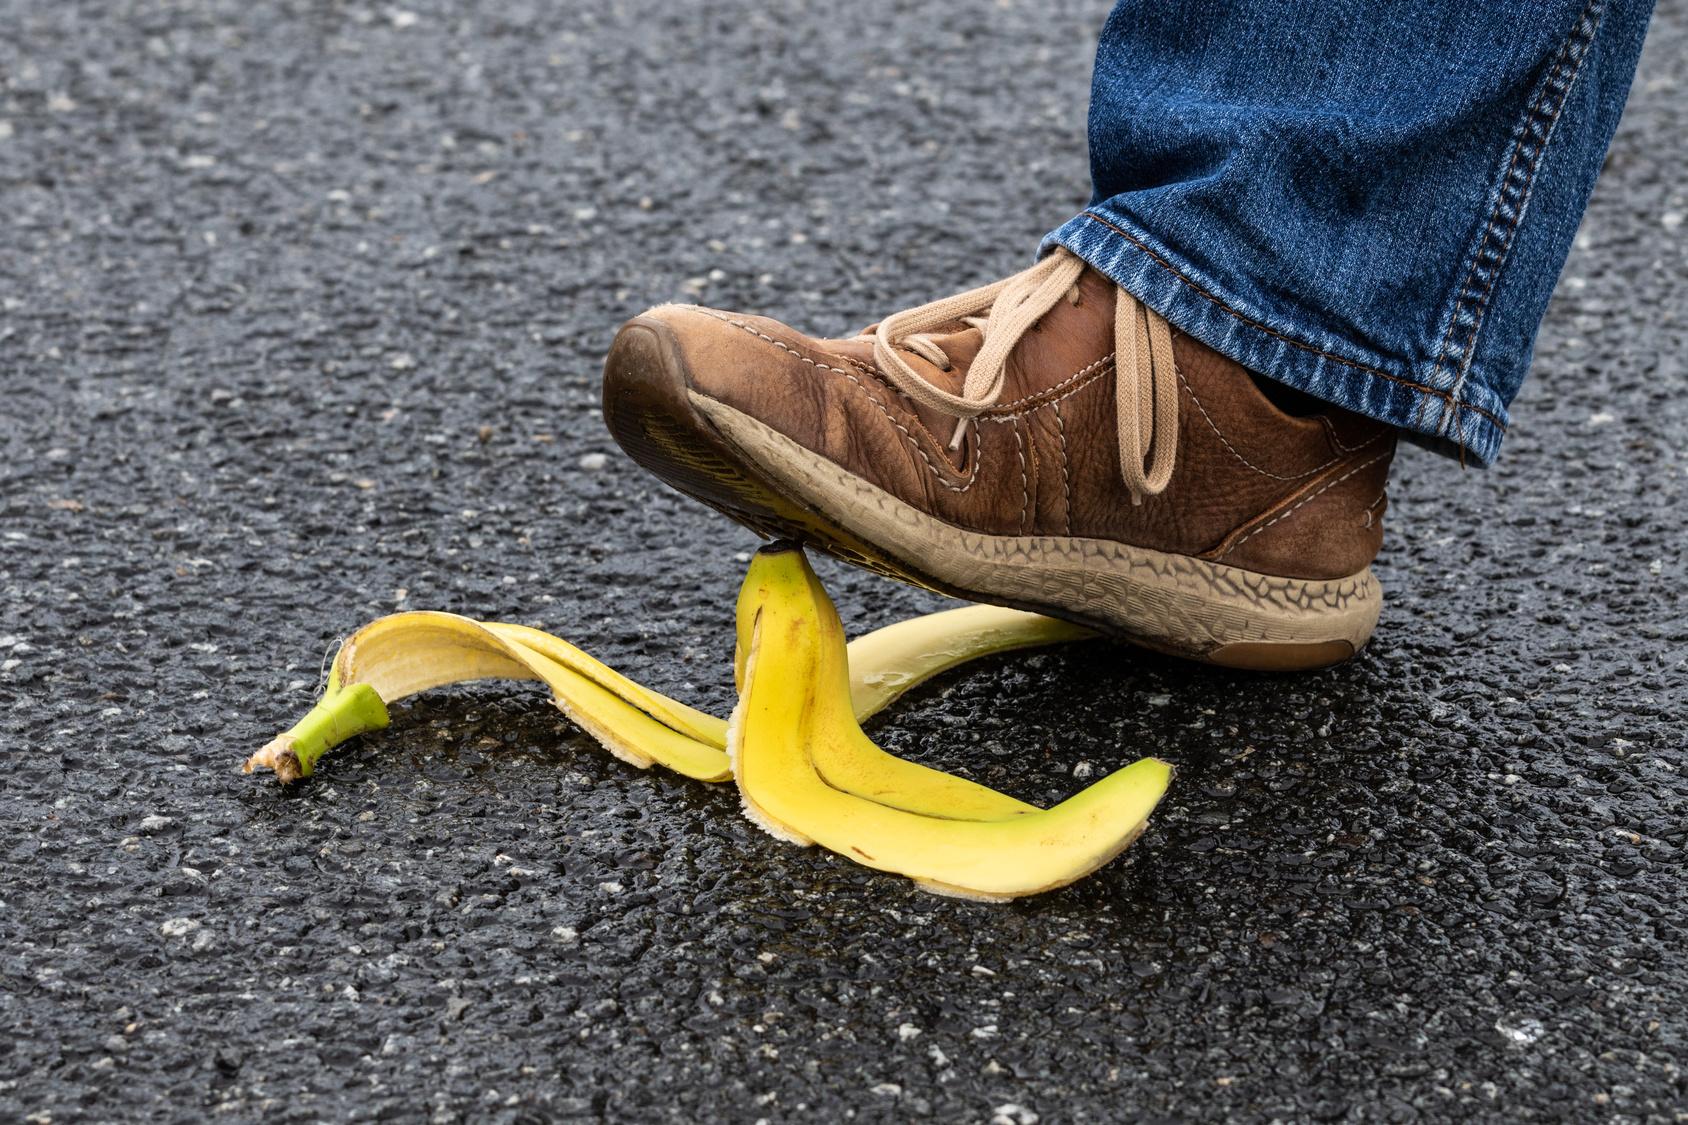 Achtung Stolperfalle – Unfallrisiken erkennen und eliminieren